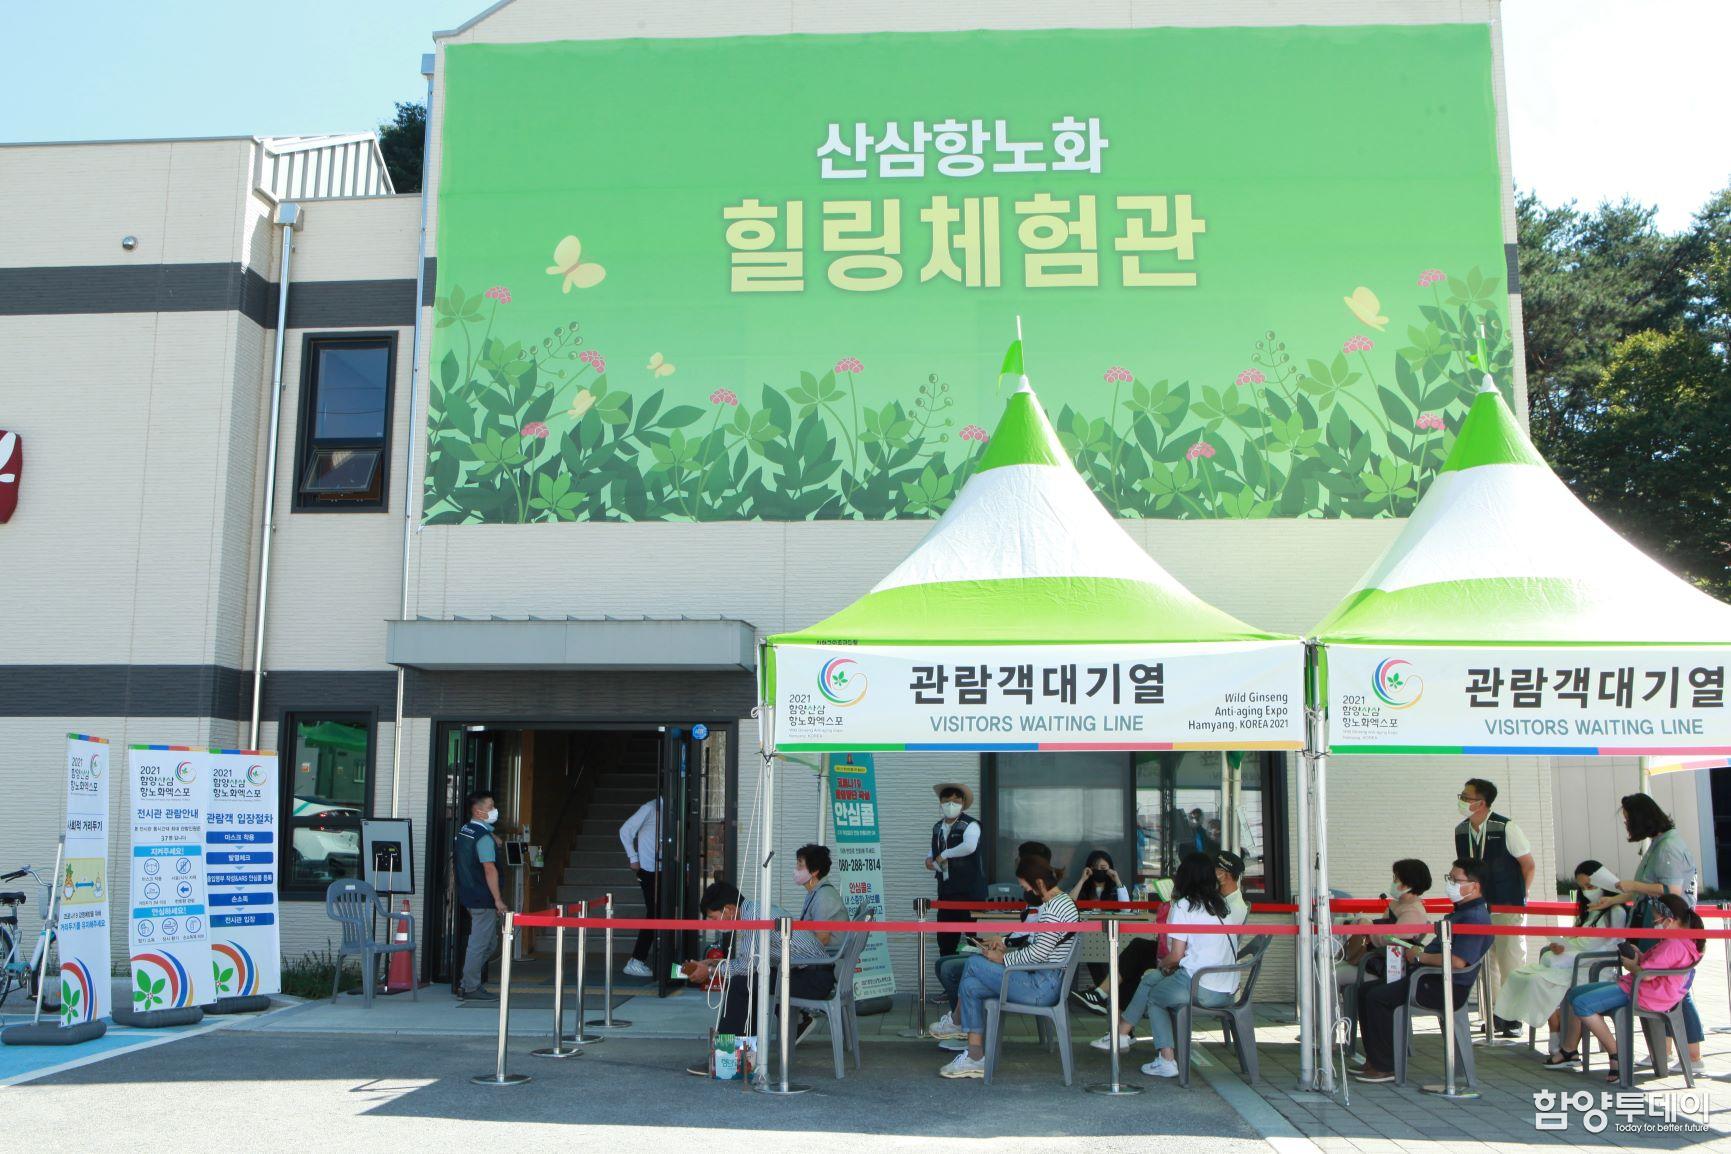 2021함양산삼항노화엑스포, '위드코로나' 방역 롤모델 행사로 자리매김